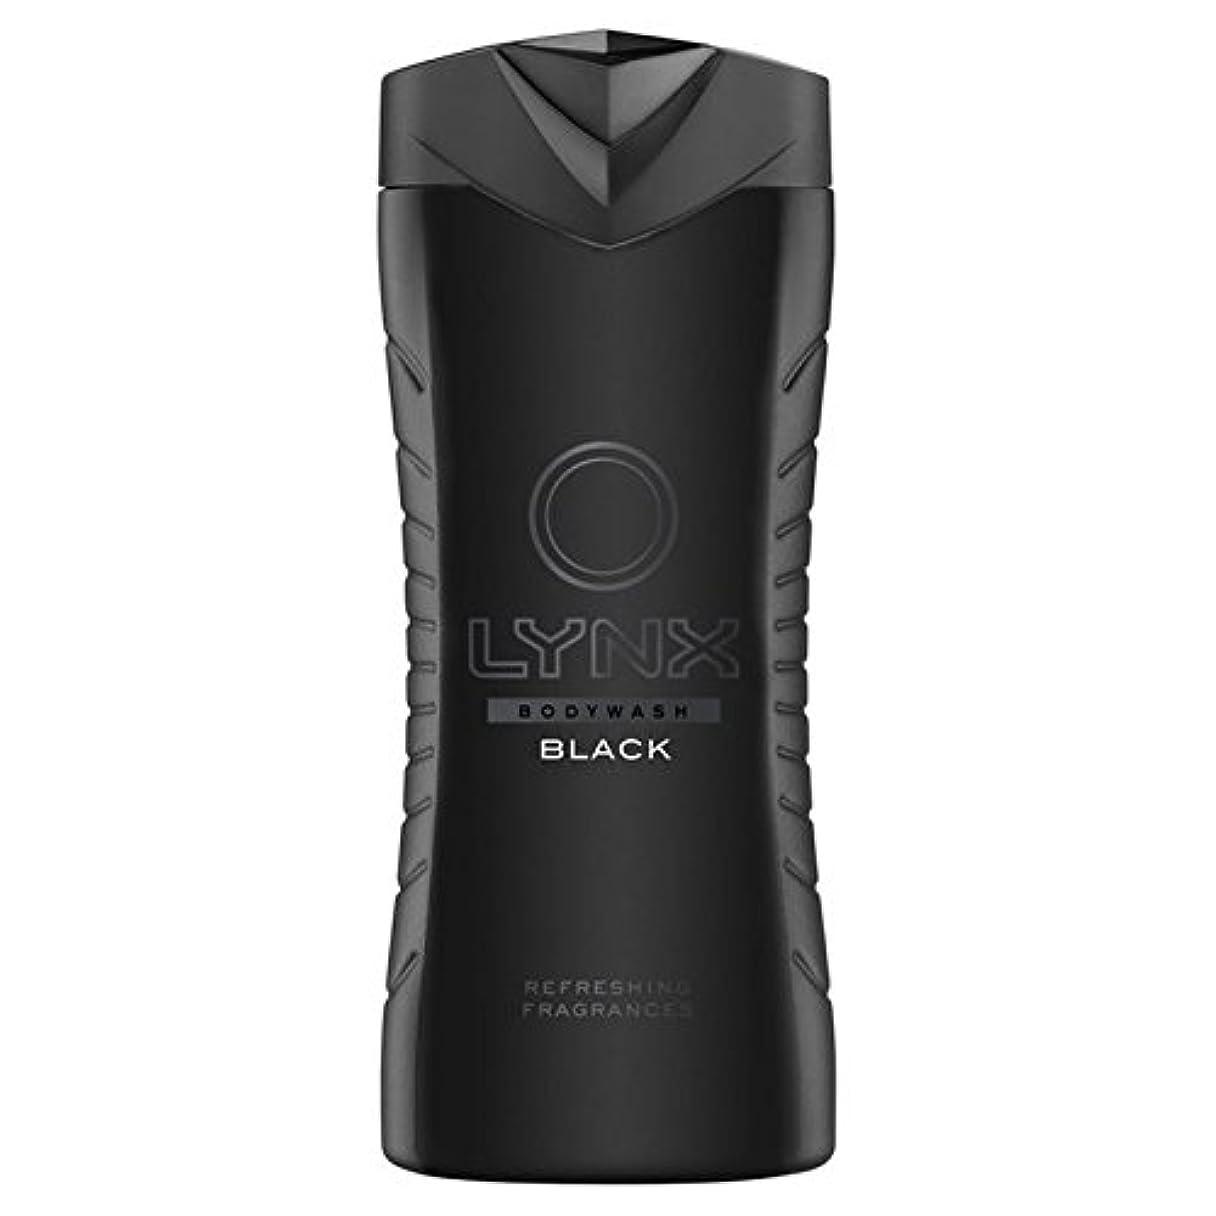 強打残酷後悔Lynx Black Shower Gel 400ml (Pack of 6) - オオヤマネコブラックシャワージェル400ミリリットル x6 [並行輸入品]